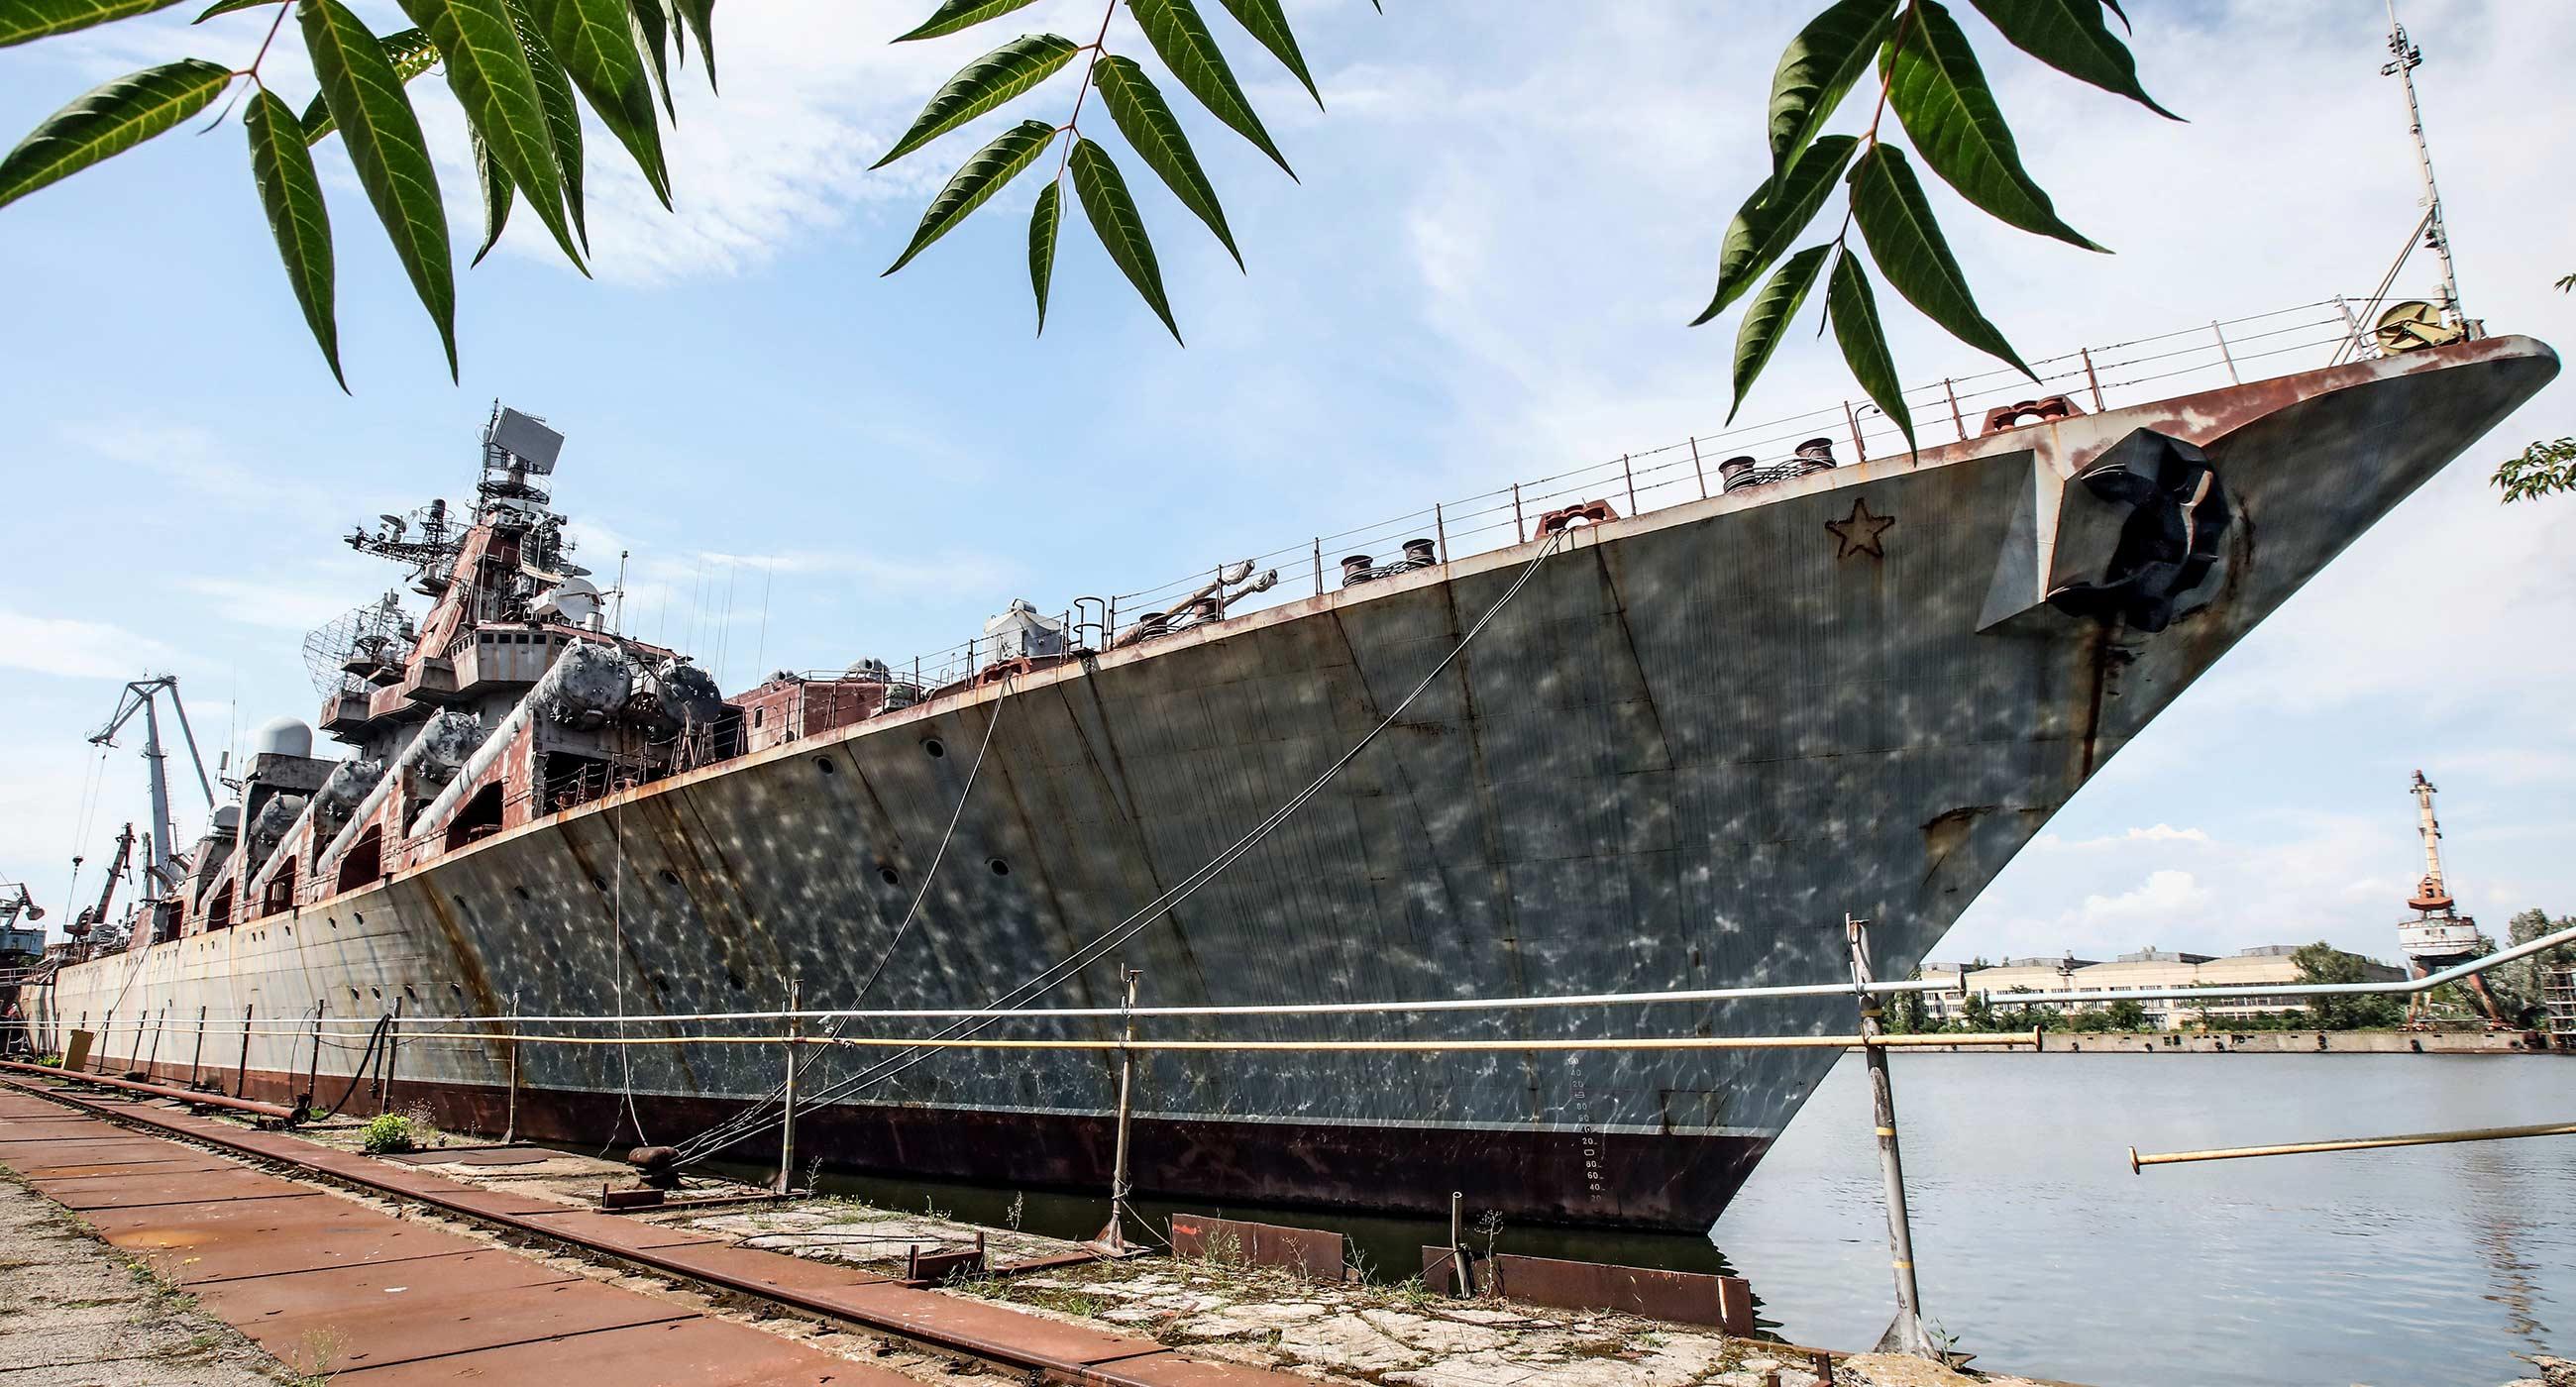 Без крейсера «Украина», но с «Айлендами» и «москитами»: что происходит с украинским военным флотом?